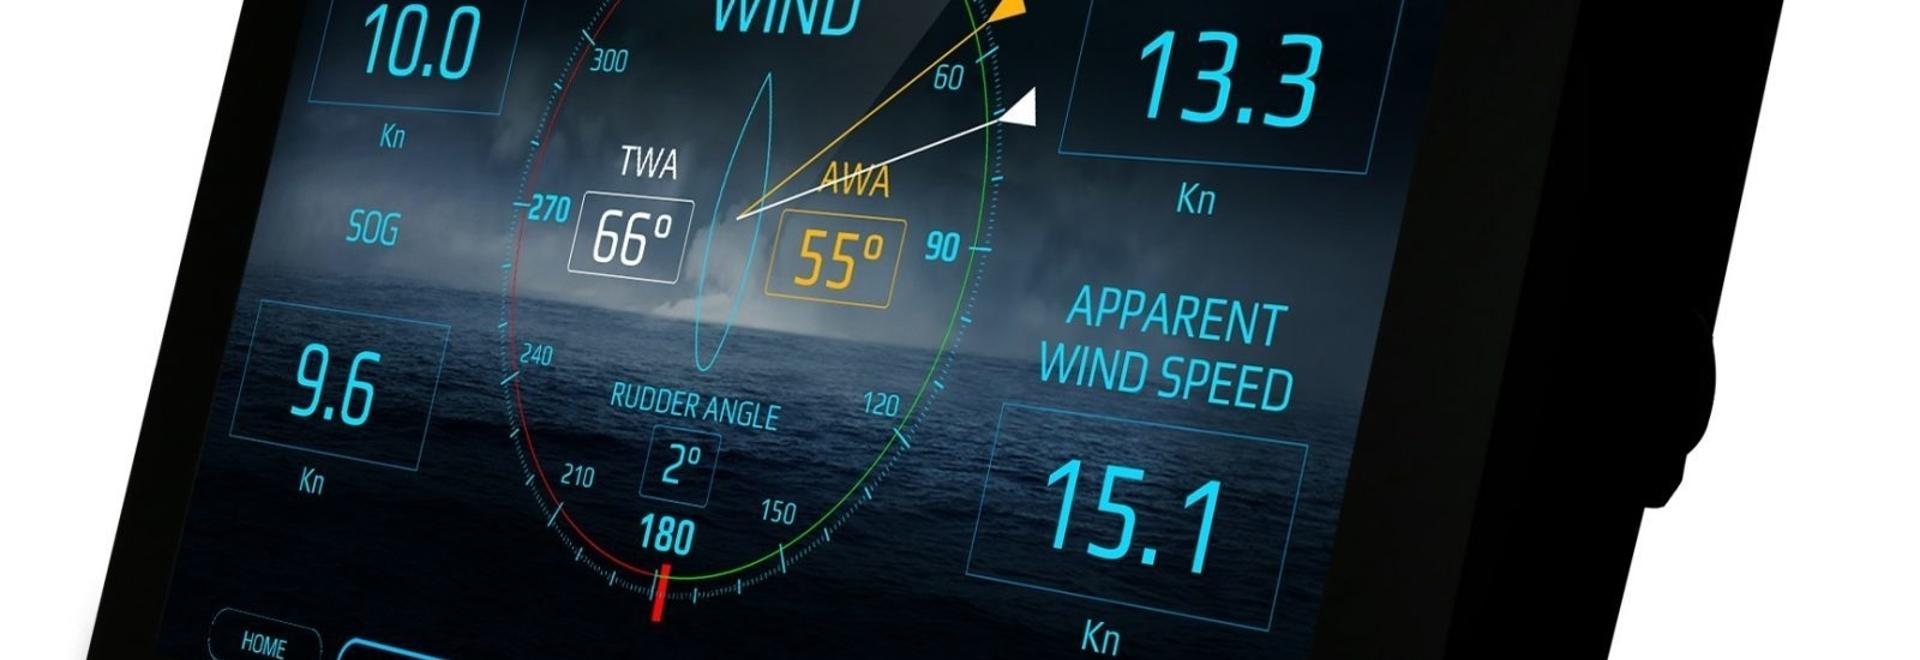 Oceanic Systems lancia Poseidon 7, la prima espansione della gamma di sistemi Poseidon